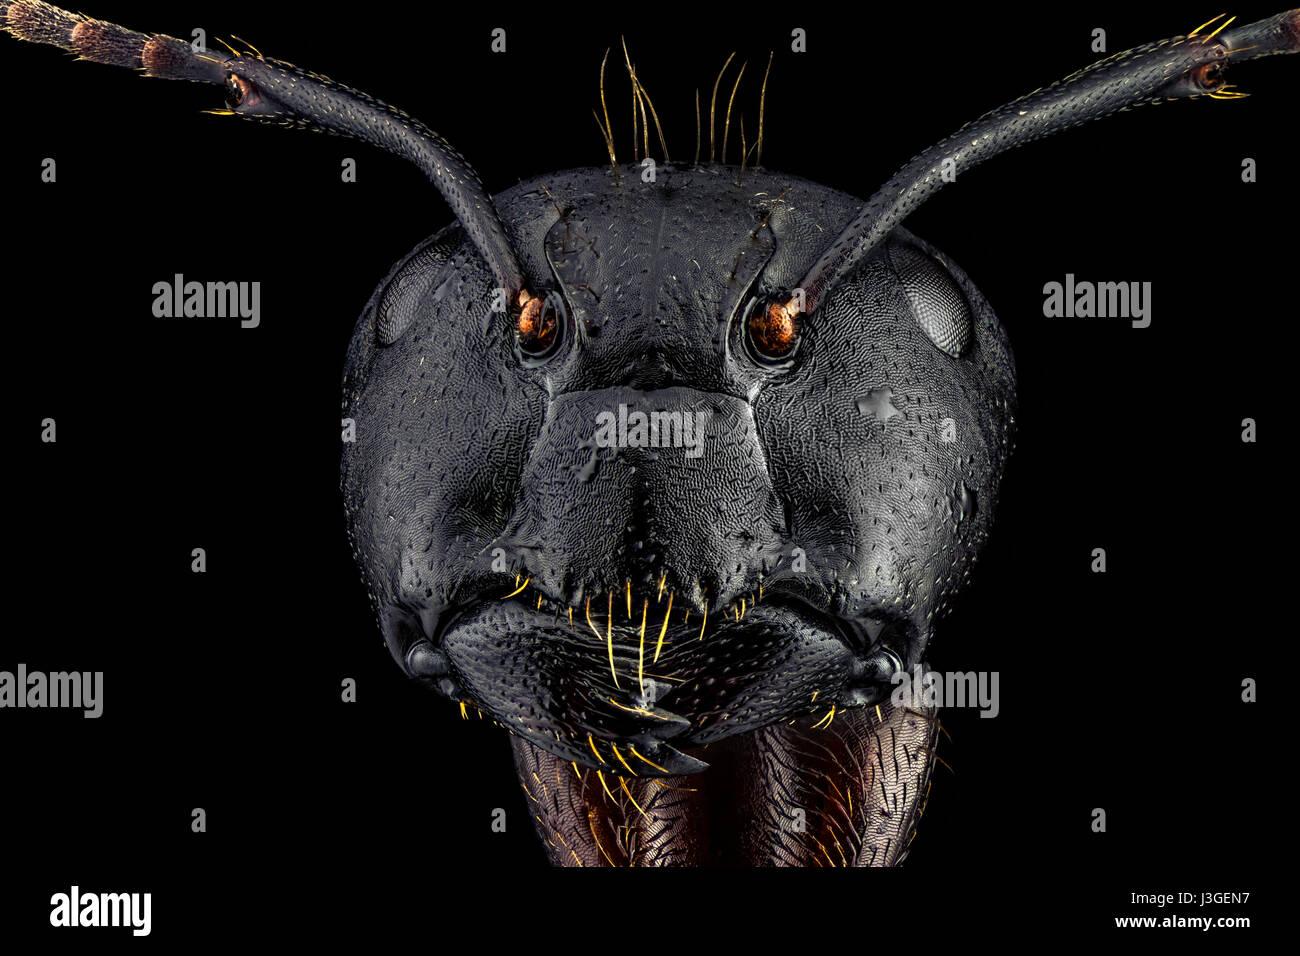 Extreme macro retrato de una hormiga, nítidas y detalladas, magnificada 4 veces a través de un microscopio Imagen De Stock